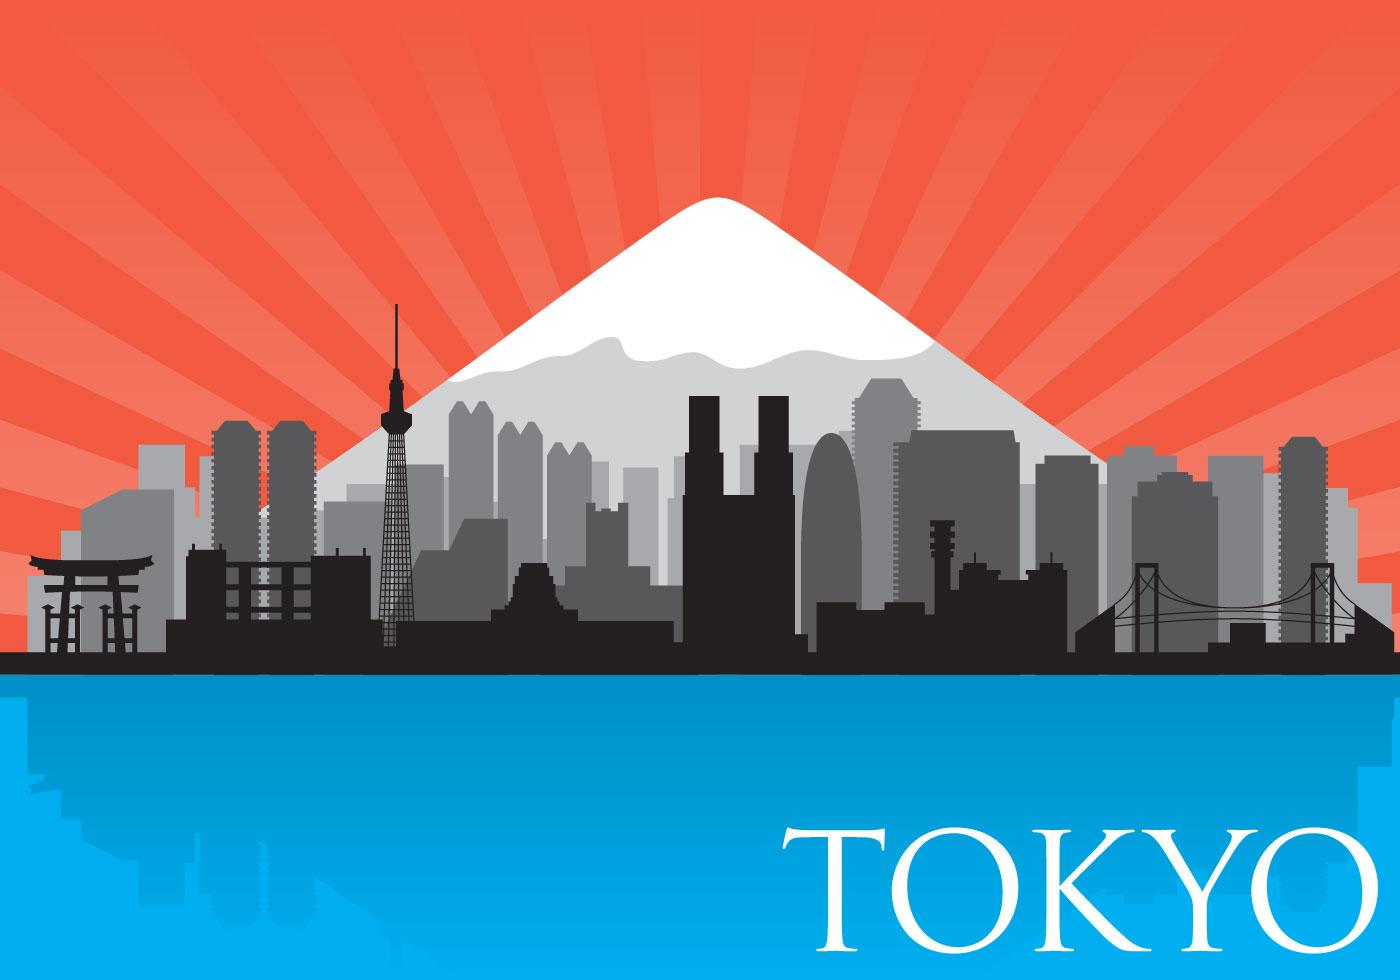 Tokyo Skyline Vector Download Free Vector Art Stock